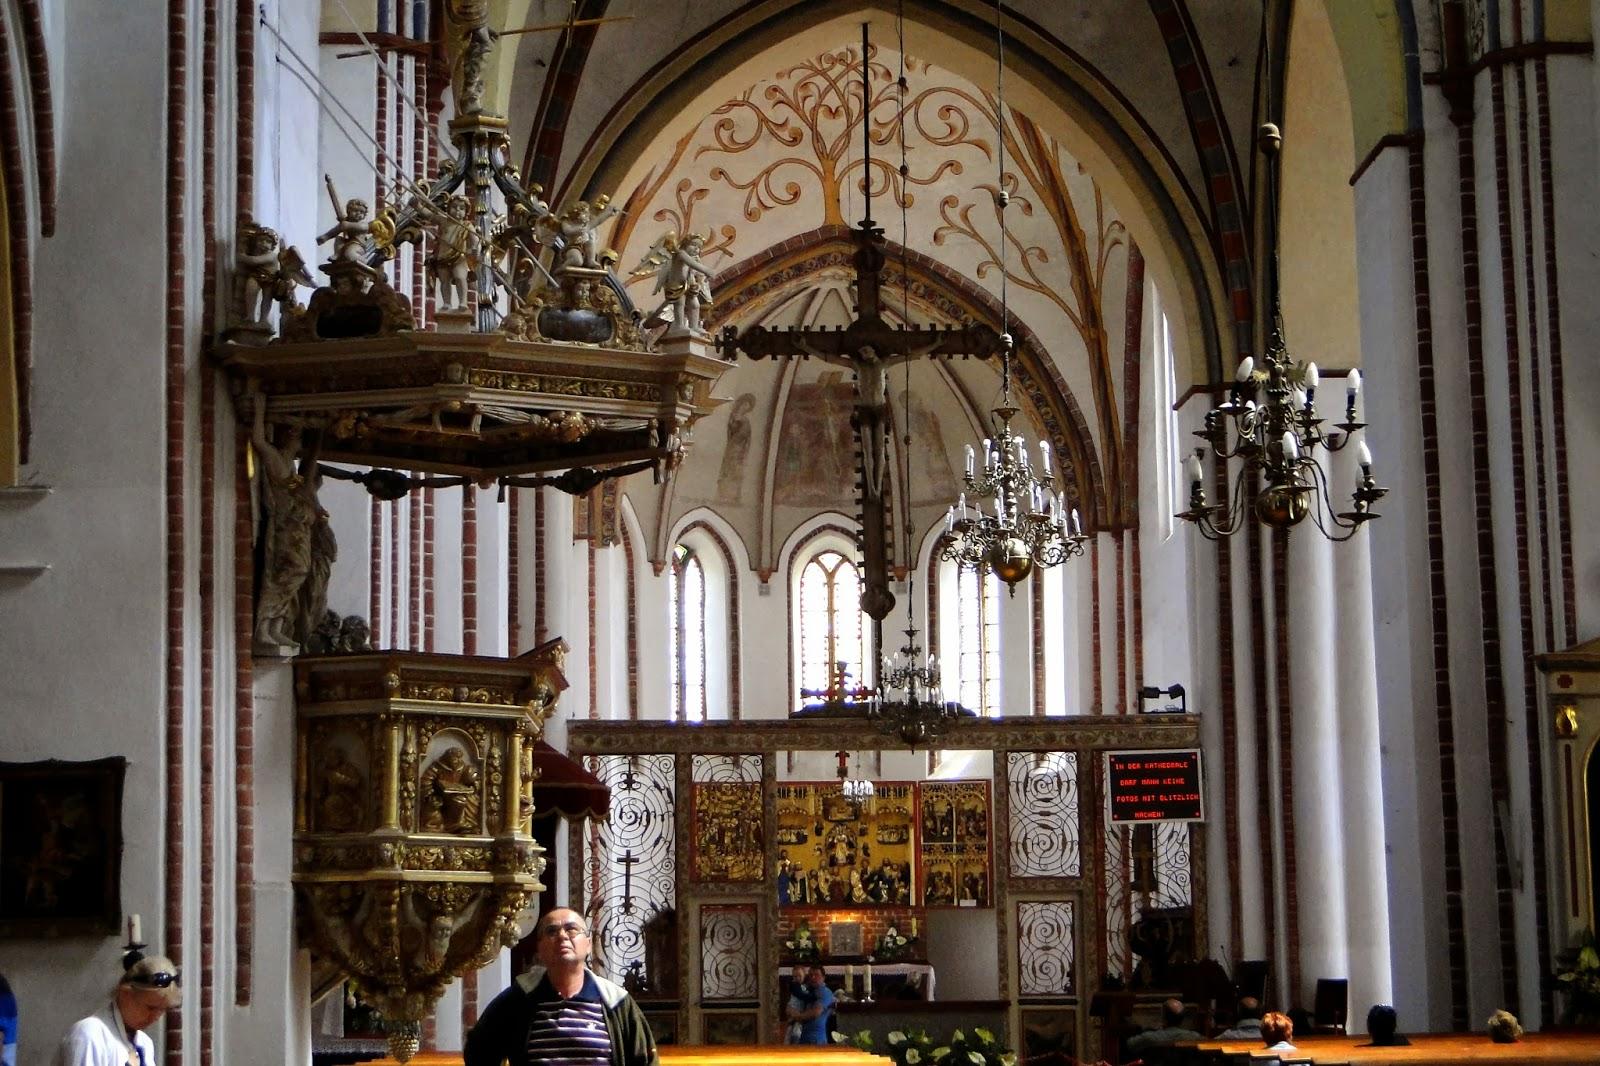 Obrazy w ramkach zatrzymane: Kamień Pomorski - Katedra.